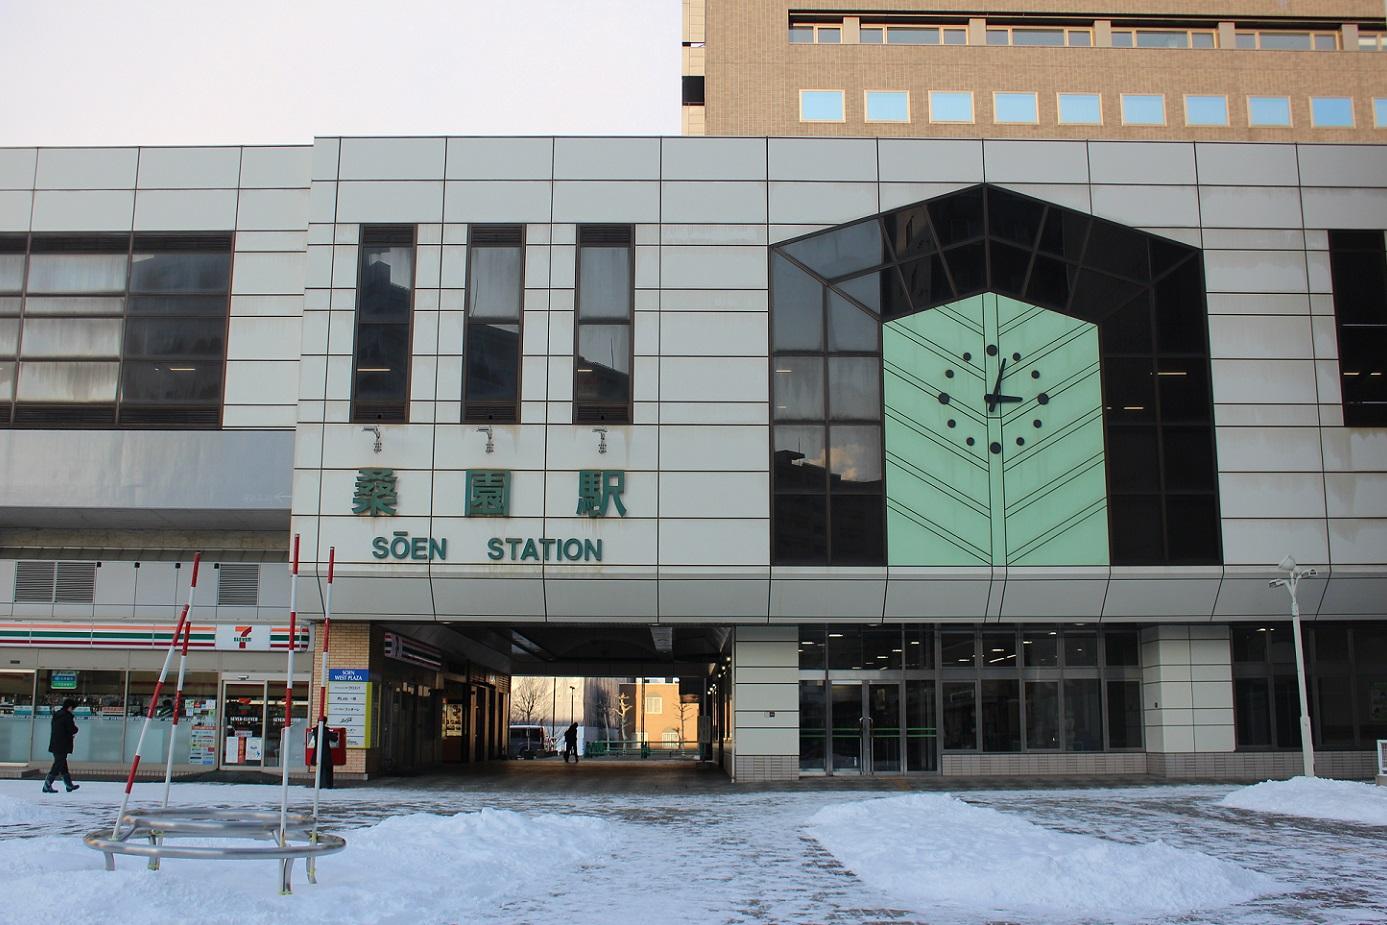 学園都市線地区駅n01(桑園駅)